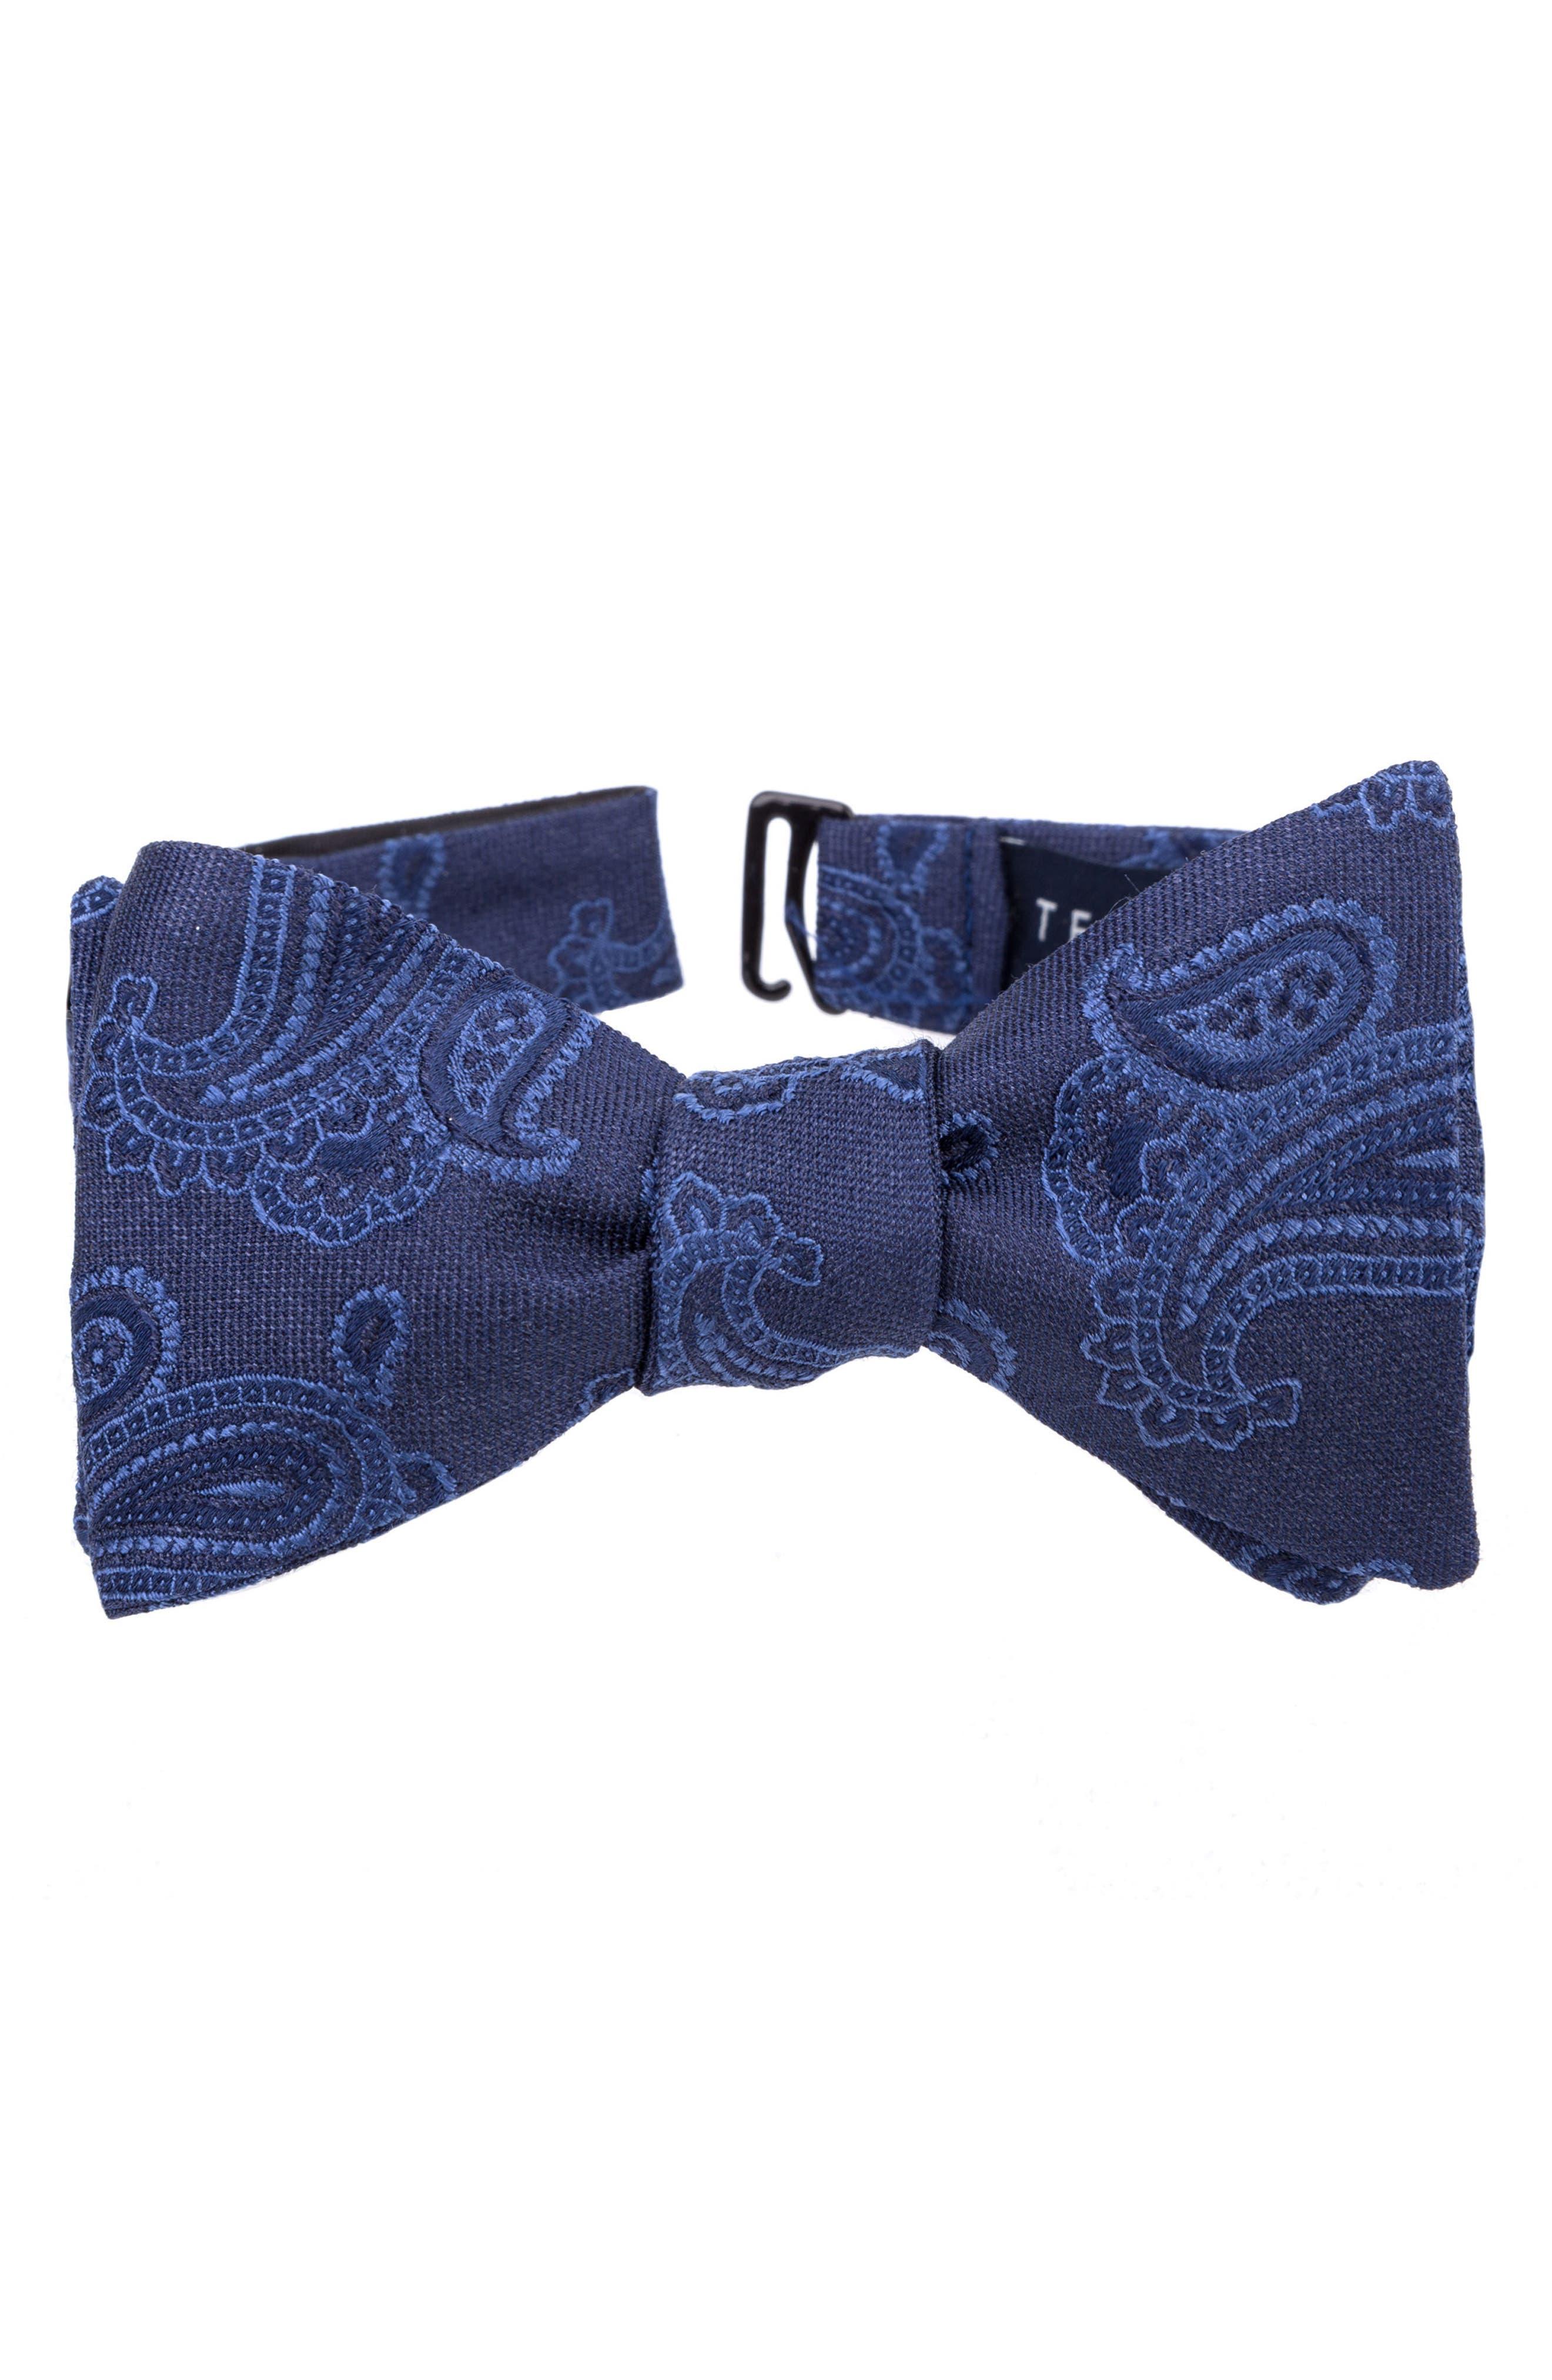 Indigo Wardrobe Silk Bow Tie,                         Main,                         color, Sapphire